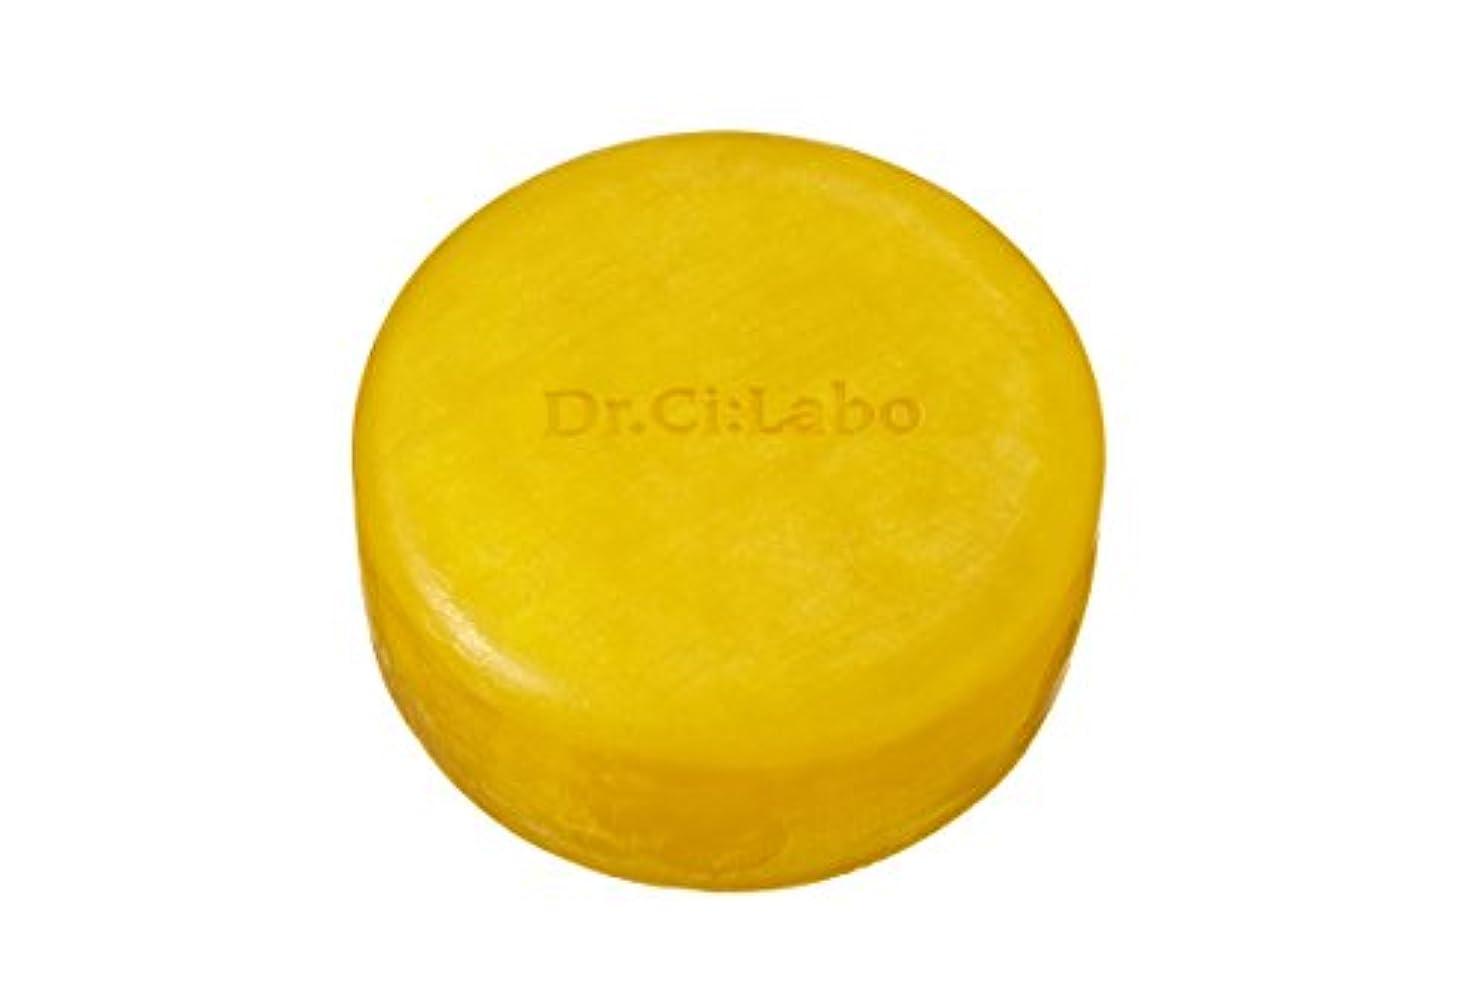 音楽を聴く思いつく目立つドクターシーラボ エンリッチリフトソープEX 角質オフ石鹸 100g 洗顔石鹸